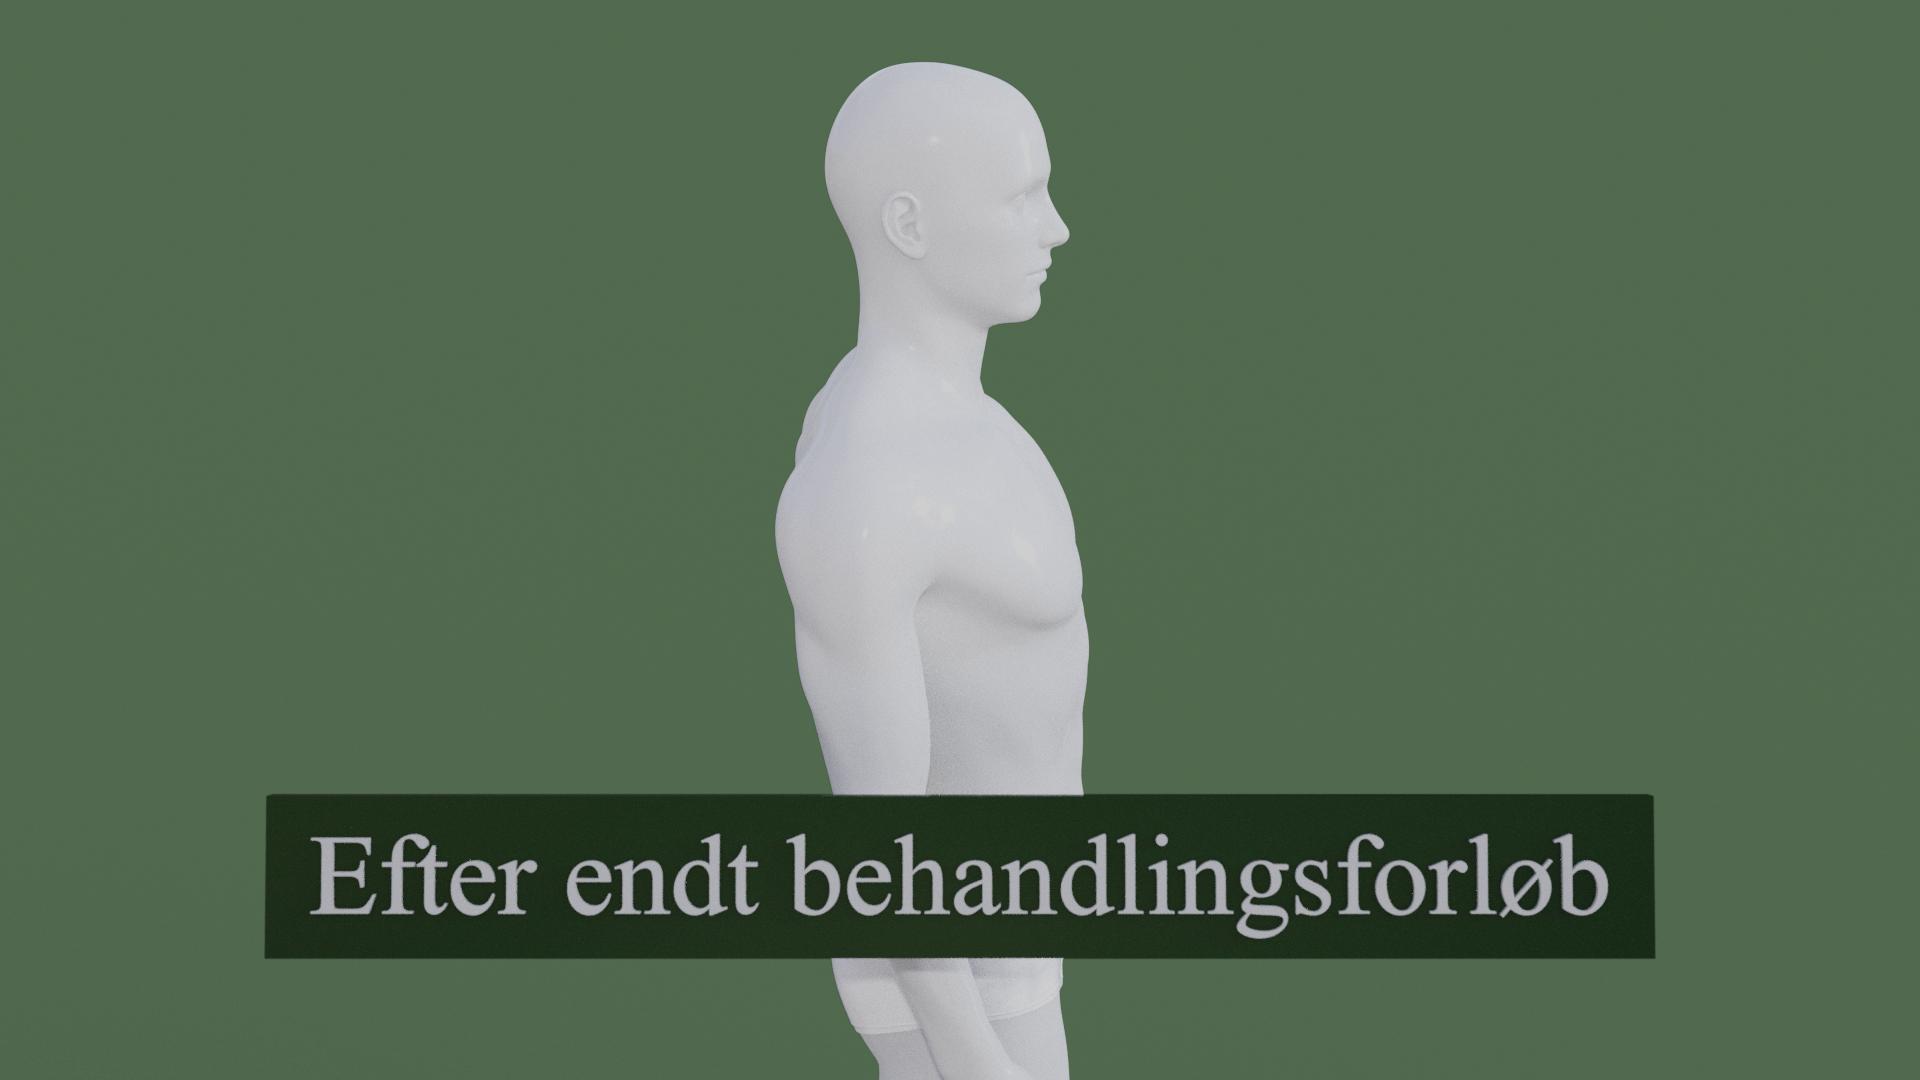 Billedet viser den samme 3D figur, men uden den røde farve i nakken. Hovedet sidder som det skal. 3D figuren er helbredt.